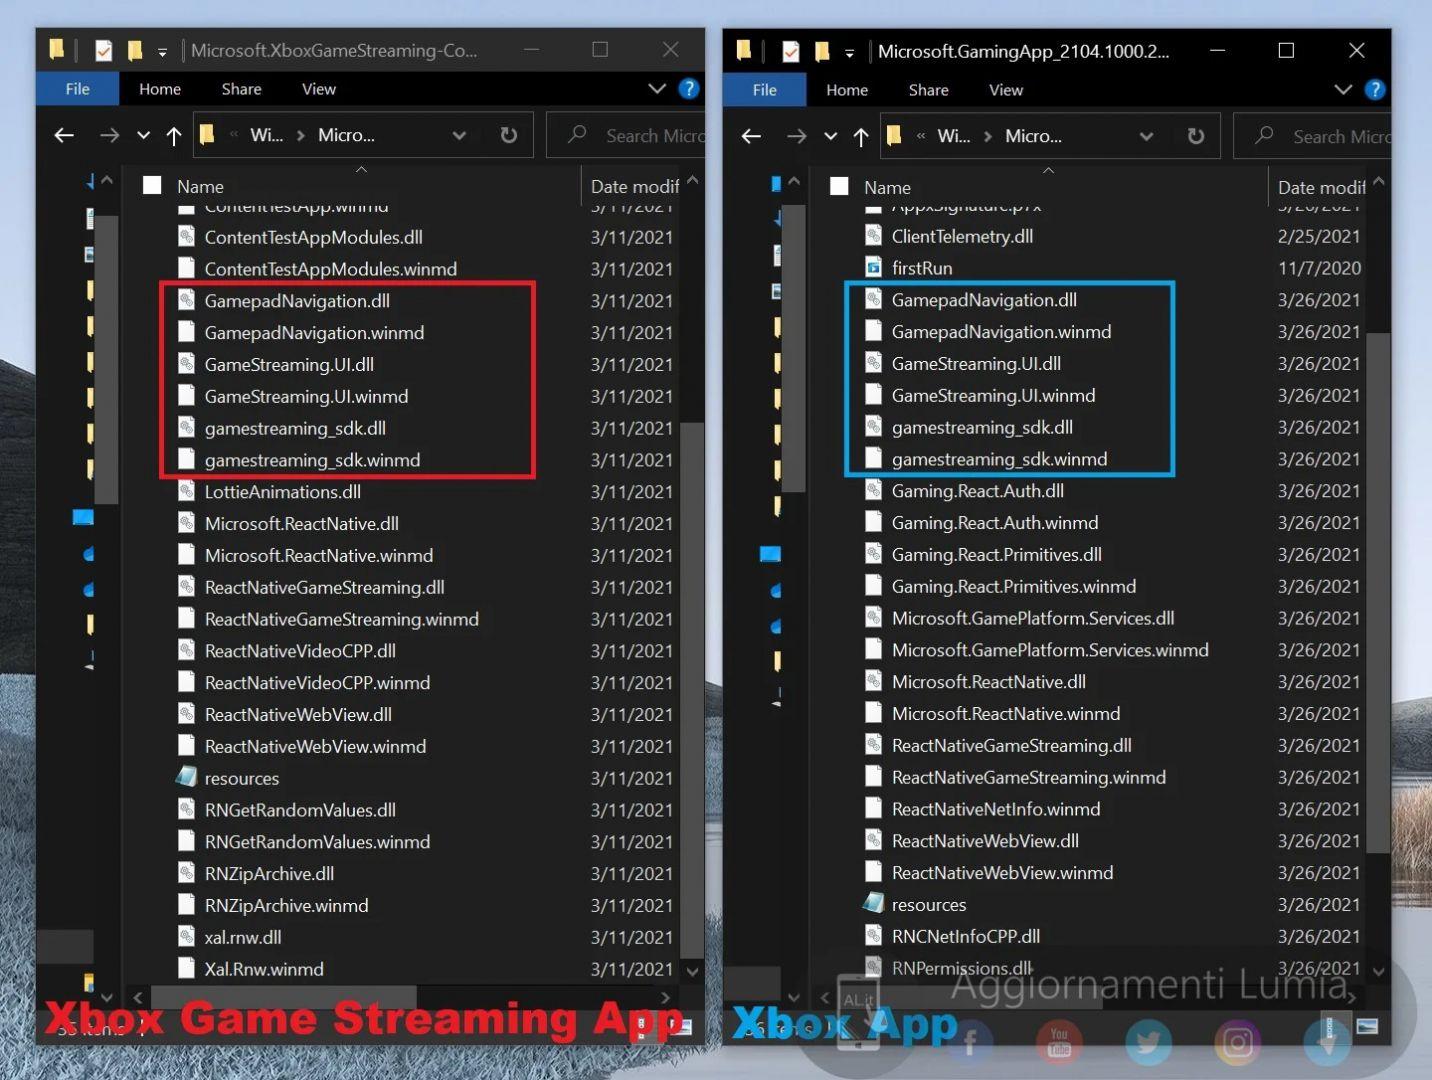 Microsoft Integrará Cloud Gaming en la app de Xbox para Windows 10 - Aggiornamieti Lumia ha descubierto algunos ficheros que delatan que los planes de Microsoft pasan por integrar Cloud Gaming dentro de la app de Xbox.